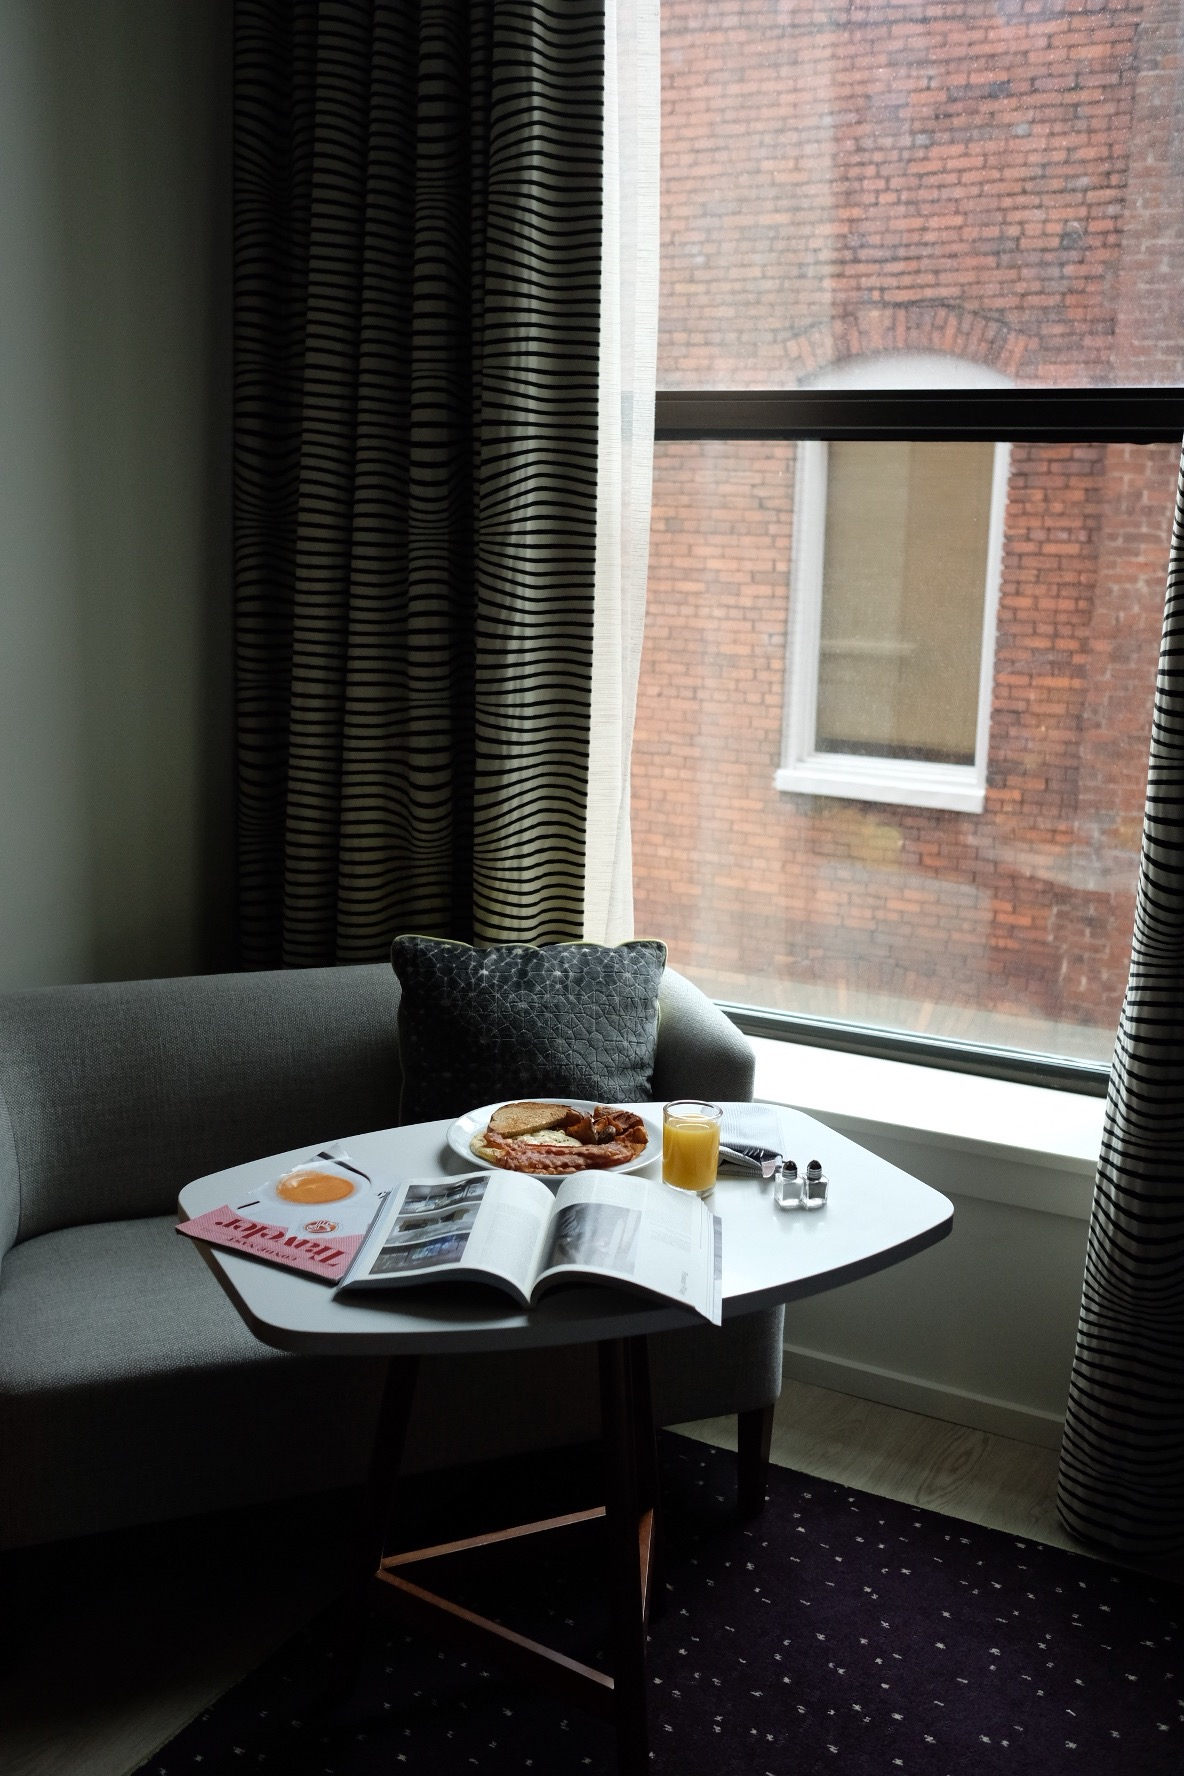 21c Hotel Museum Nashville // Mel Denisse